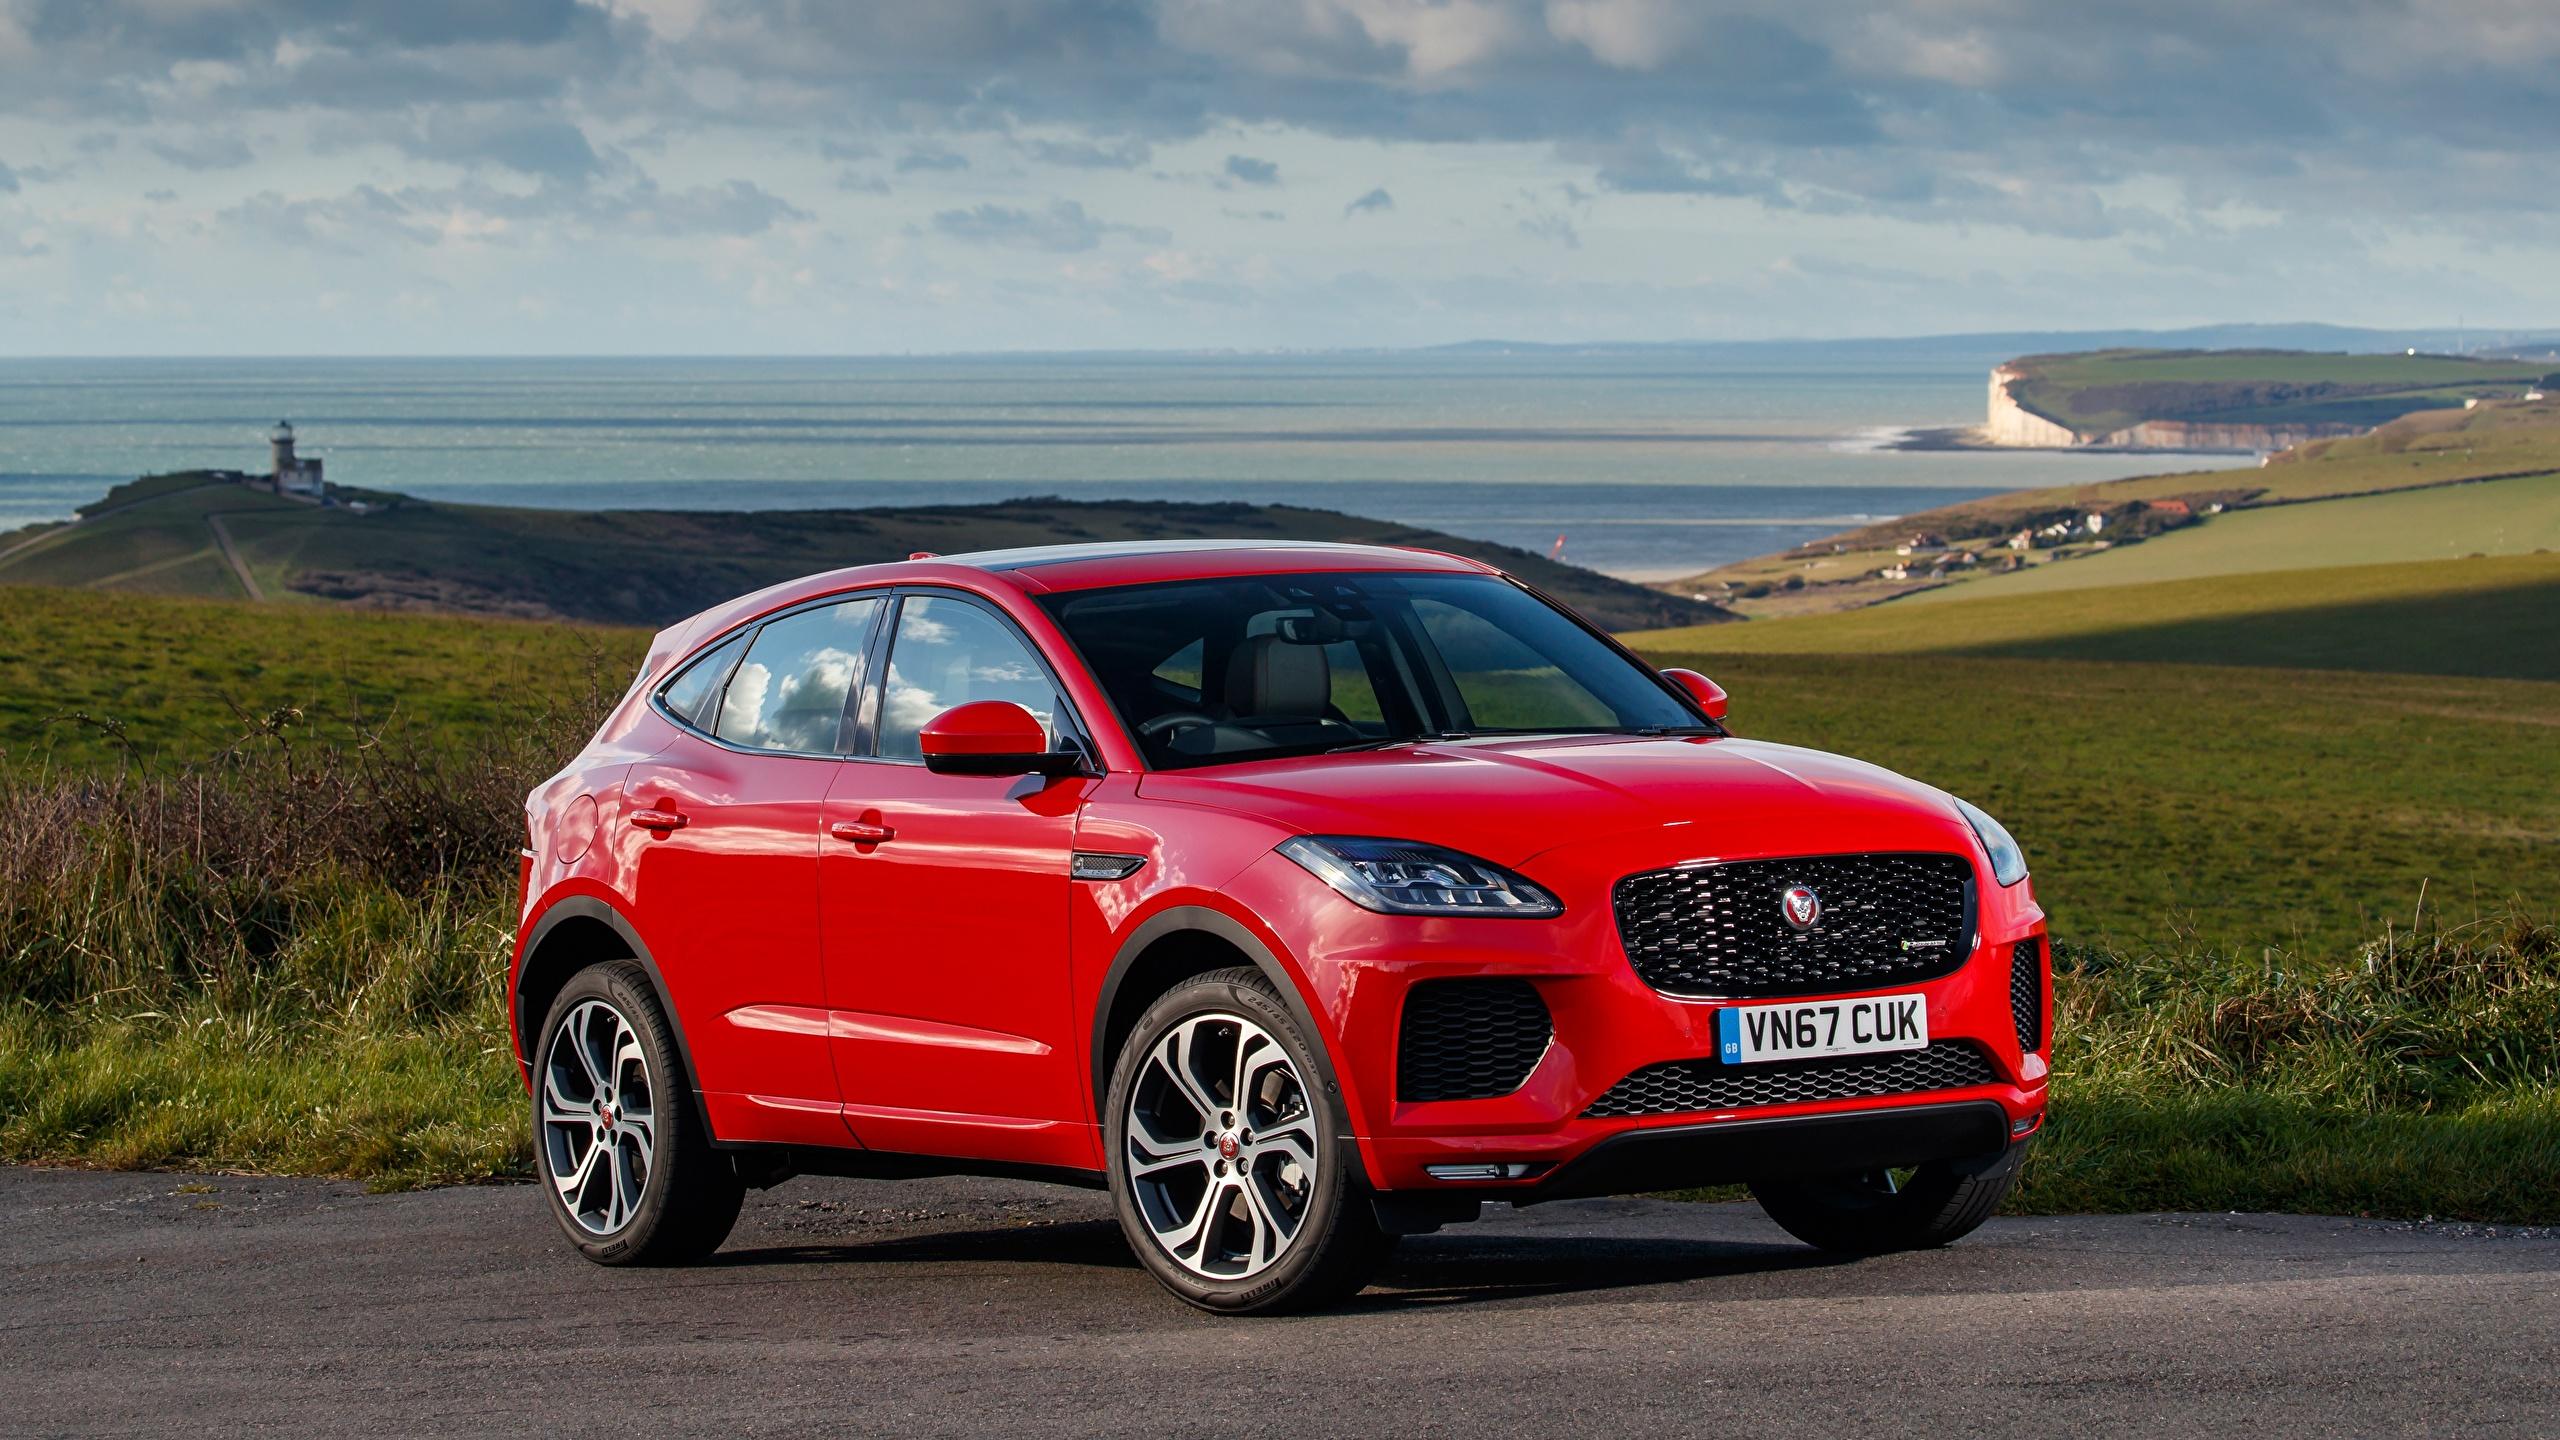 Обои для рабочего стола Jaguar CUV E-Pace, R-Dynamic, First Edition, UK-spec, 2017 Красный Автомобили 2560x1440 Ягуар Кроссовер красная красные красных авто машины машина автомобиль